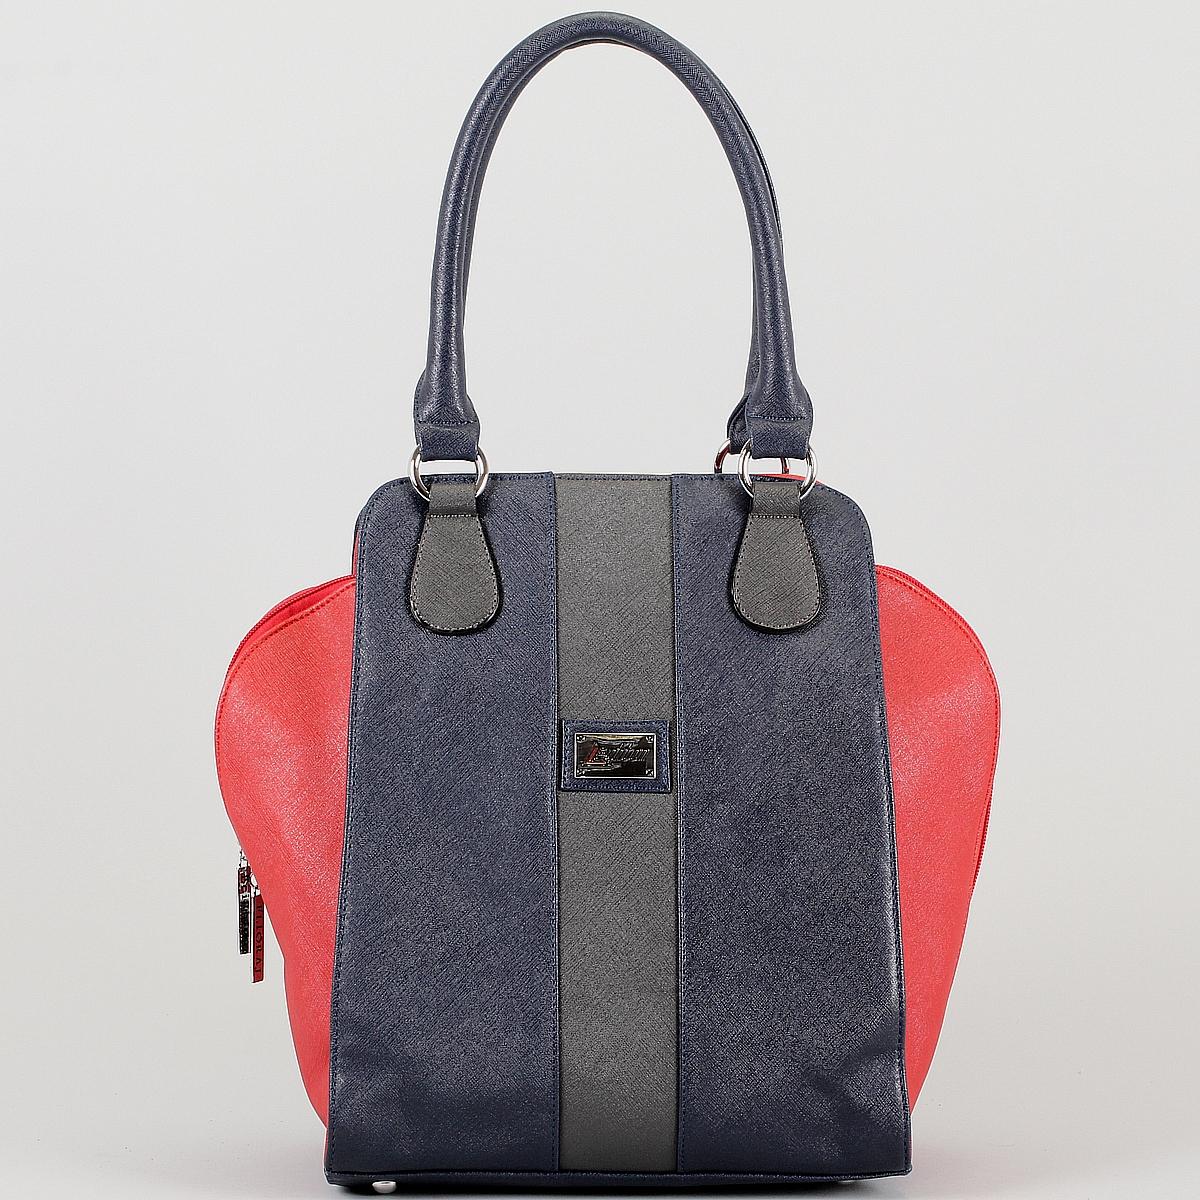 Сумка женская Leighton, цвет: синий, красный, серый. 360020-3769/4/3769/16/376360020-3769/4/3769/16/376Оригинальная женская сумка Leighton выполнена из искусственной кожи и оформлена нашитой эмблемой из металла с логотипом фирмы. Сумка имеет одно отделение, которое закрывается на застежку-молнию. Внутри - нашивной и вшитый карманы на молнии, два нашивных кармашка для мелочей и мобильного телефона. На задней стороне сумки расположен карман на молнии. Сумка оснащена двумя ручками и металлическими ножками на дне сумки. Фурнитура сумки выполнена из металла серебристого цвета. К сумке прилагается чехол для хранения и съемный плечевой ремень. Сумка - это стильный аксессуар, который подчеркнет вашу изысканность и индивидуальность и сделает ваш образ завершенным. Женская сумочка Leighton - это воплощение элегантности и шика. Высококачественные материалы, чистота линий, как выбор стиля, идут об руку с модными тенденциями. Обладательницей данной коллекции может быть только сильная и независимая женщина, бросающая вызов обыденности.